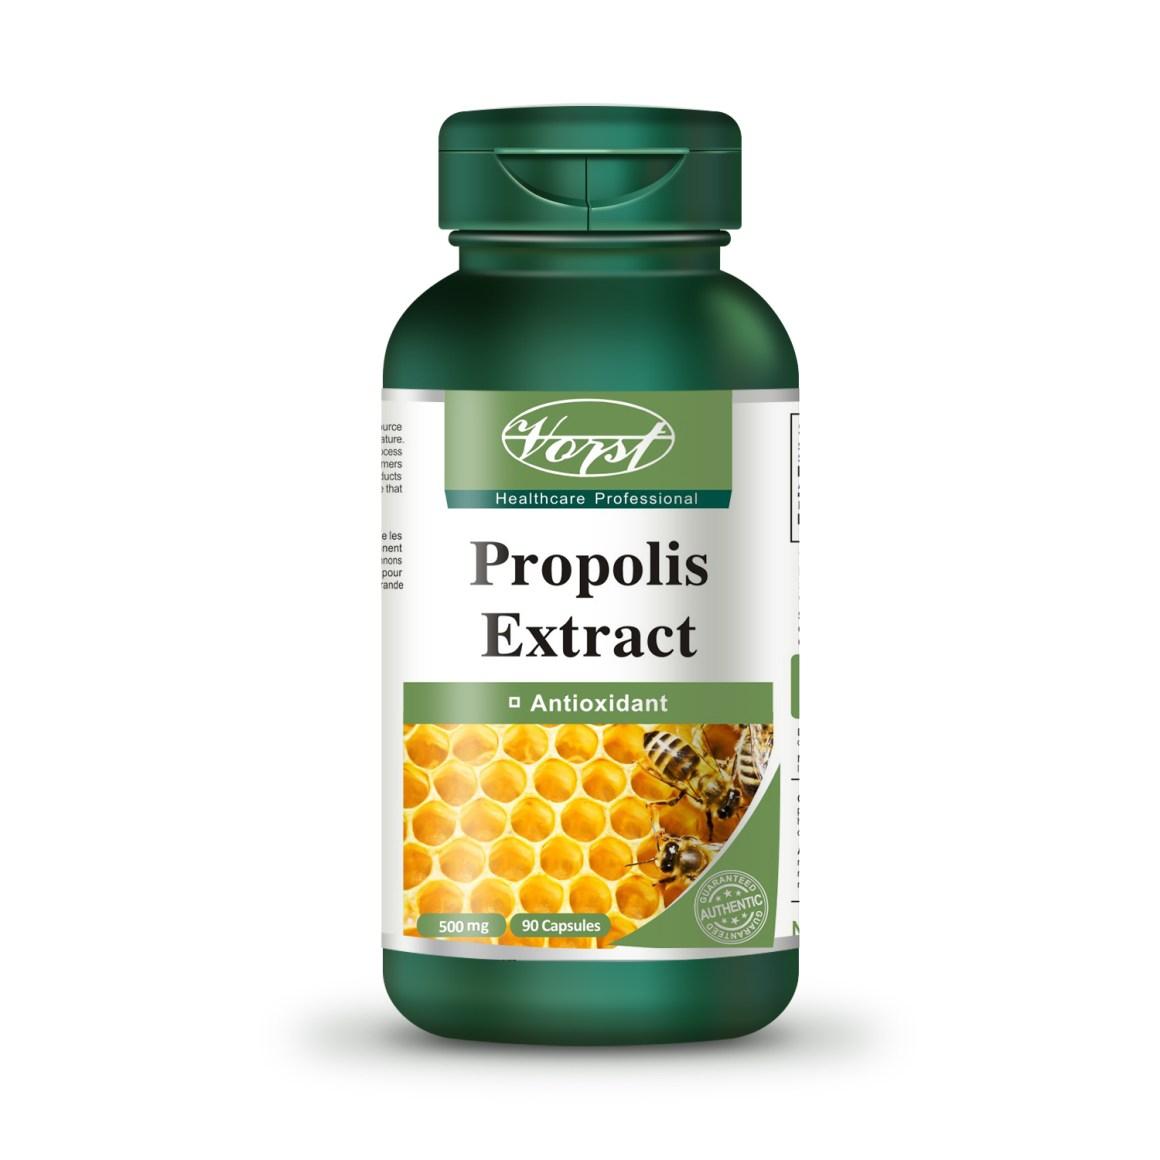 Propolis Extract